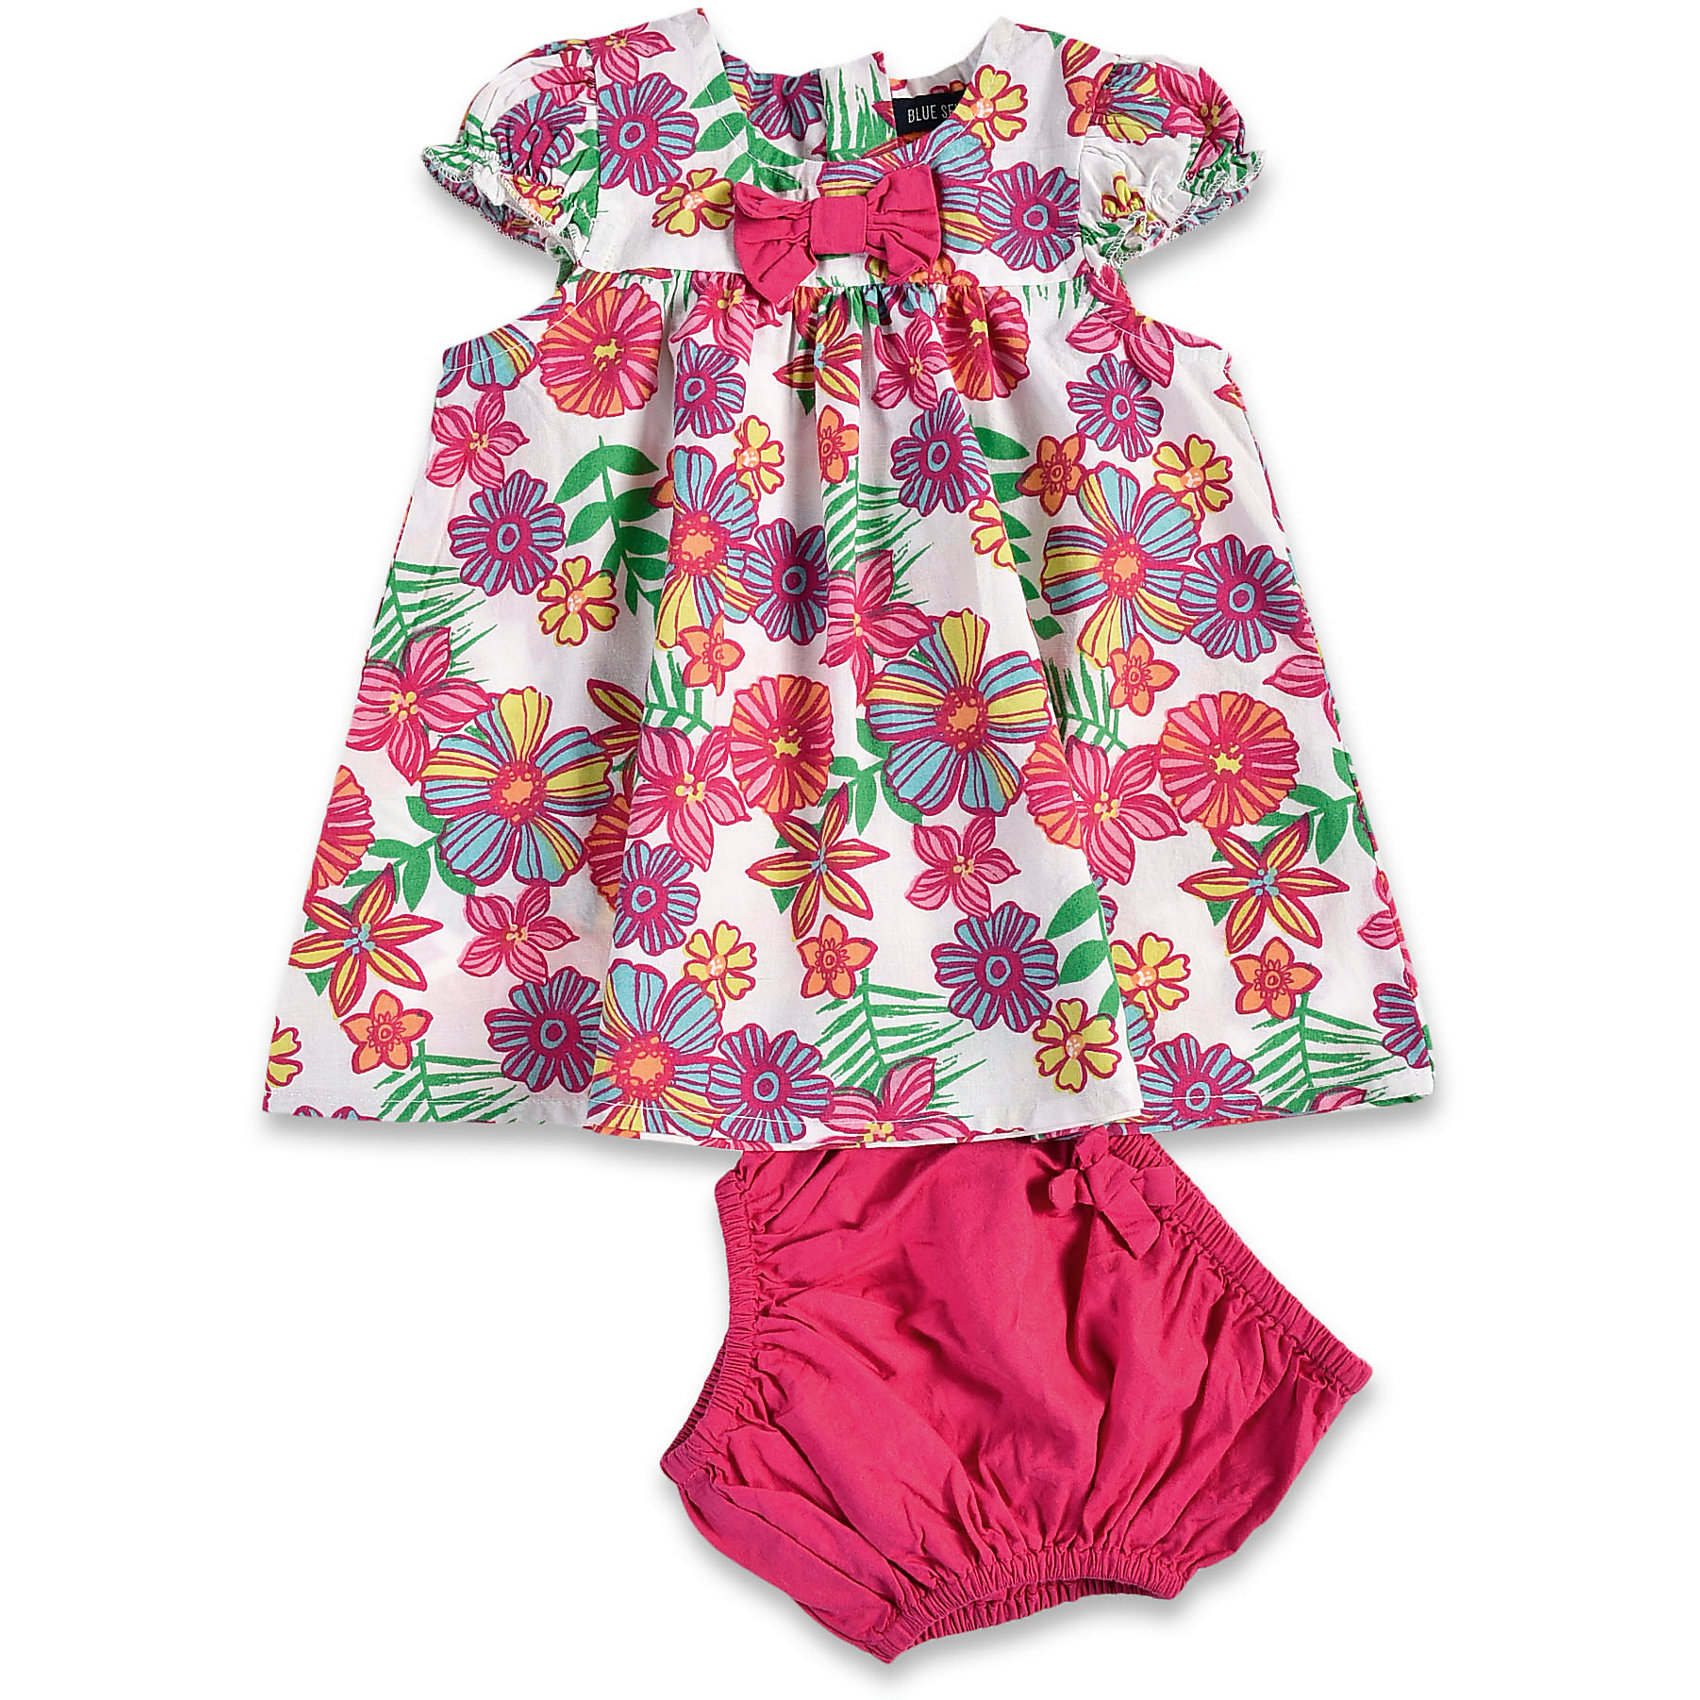 Комплект для девочки: платье и трусы BLUE SEVENКомплекты<br>Комплект для девочки: платье и трусы Blue Seven. <br>Состав: 100% хлопок<br><br>Ширина мм: 157<br>Глубина мм: 13<br>Высота мм: 119<br>Вес г: 200<br>Цвет: розовый<br>Возраст от месяцев: 0<br>Возраст до месяцев: 3<br>Пол: Женский<br>Возраст: Детский<br>Размер: 56,68,62<br>SKU: 4030809